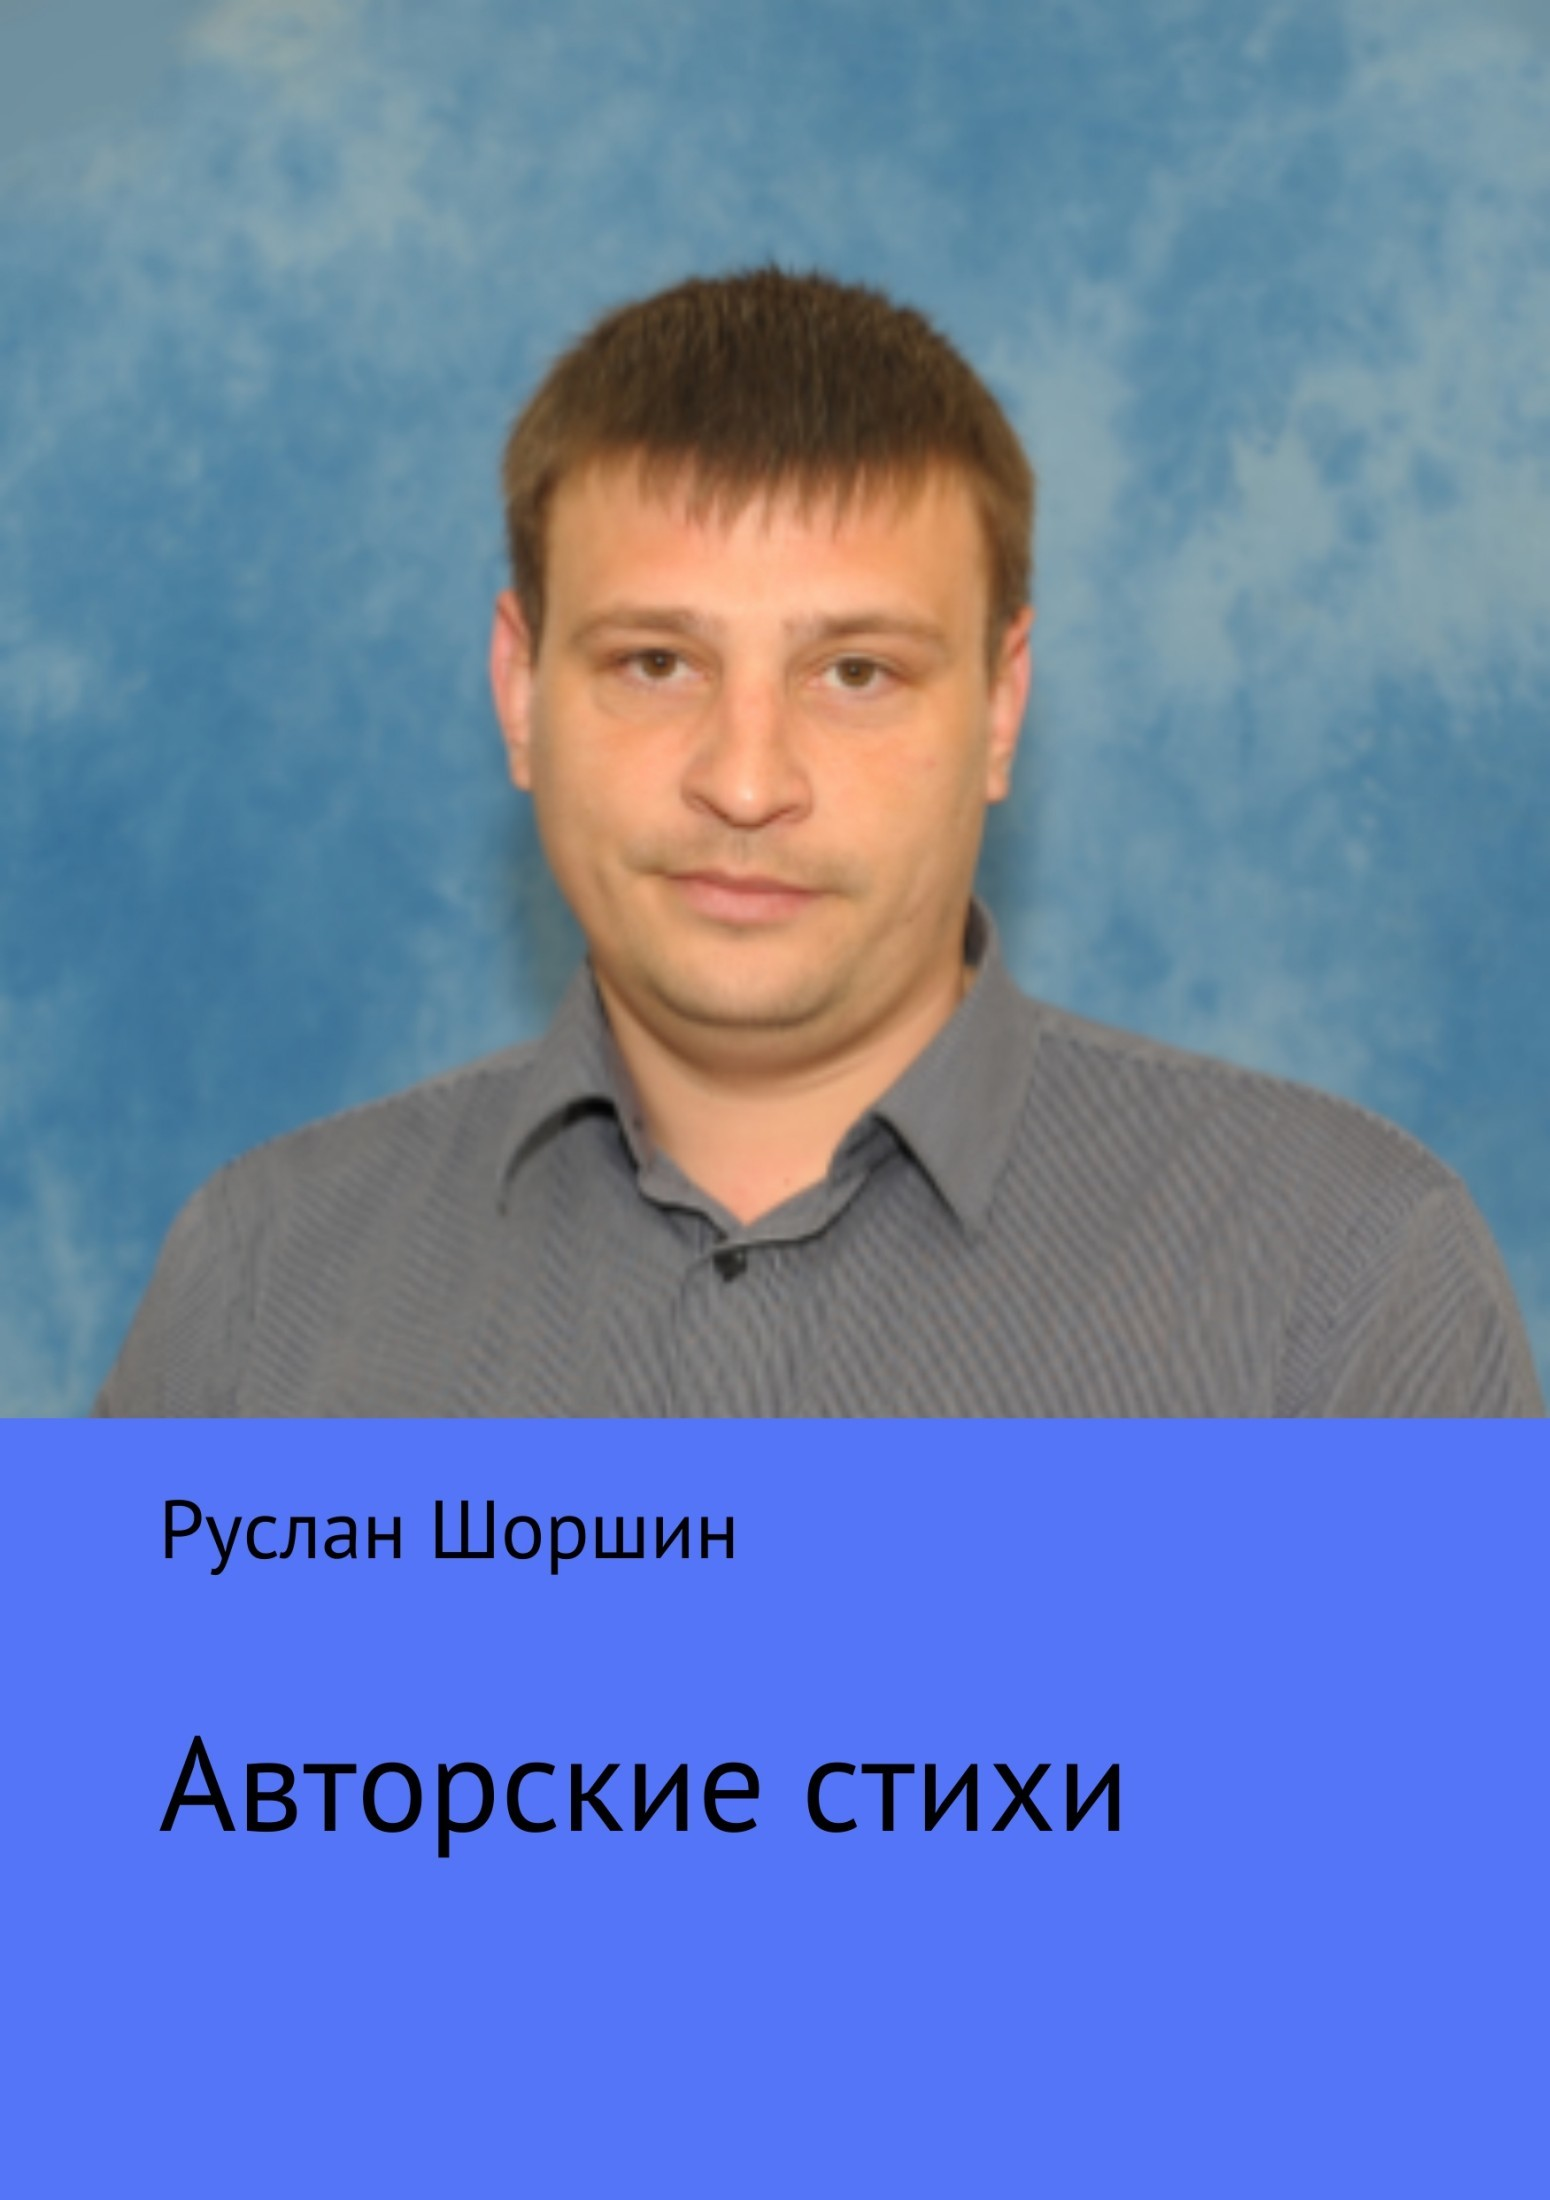 Руслан Николаевич Шоршин бесплатно